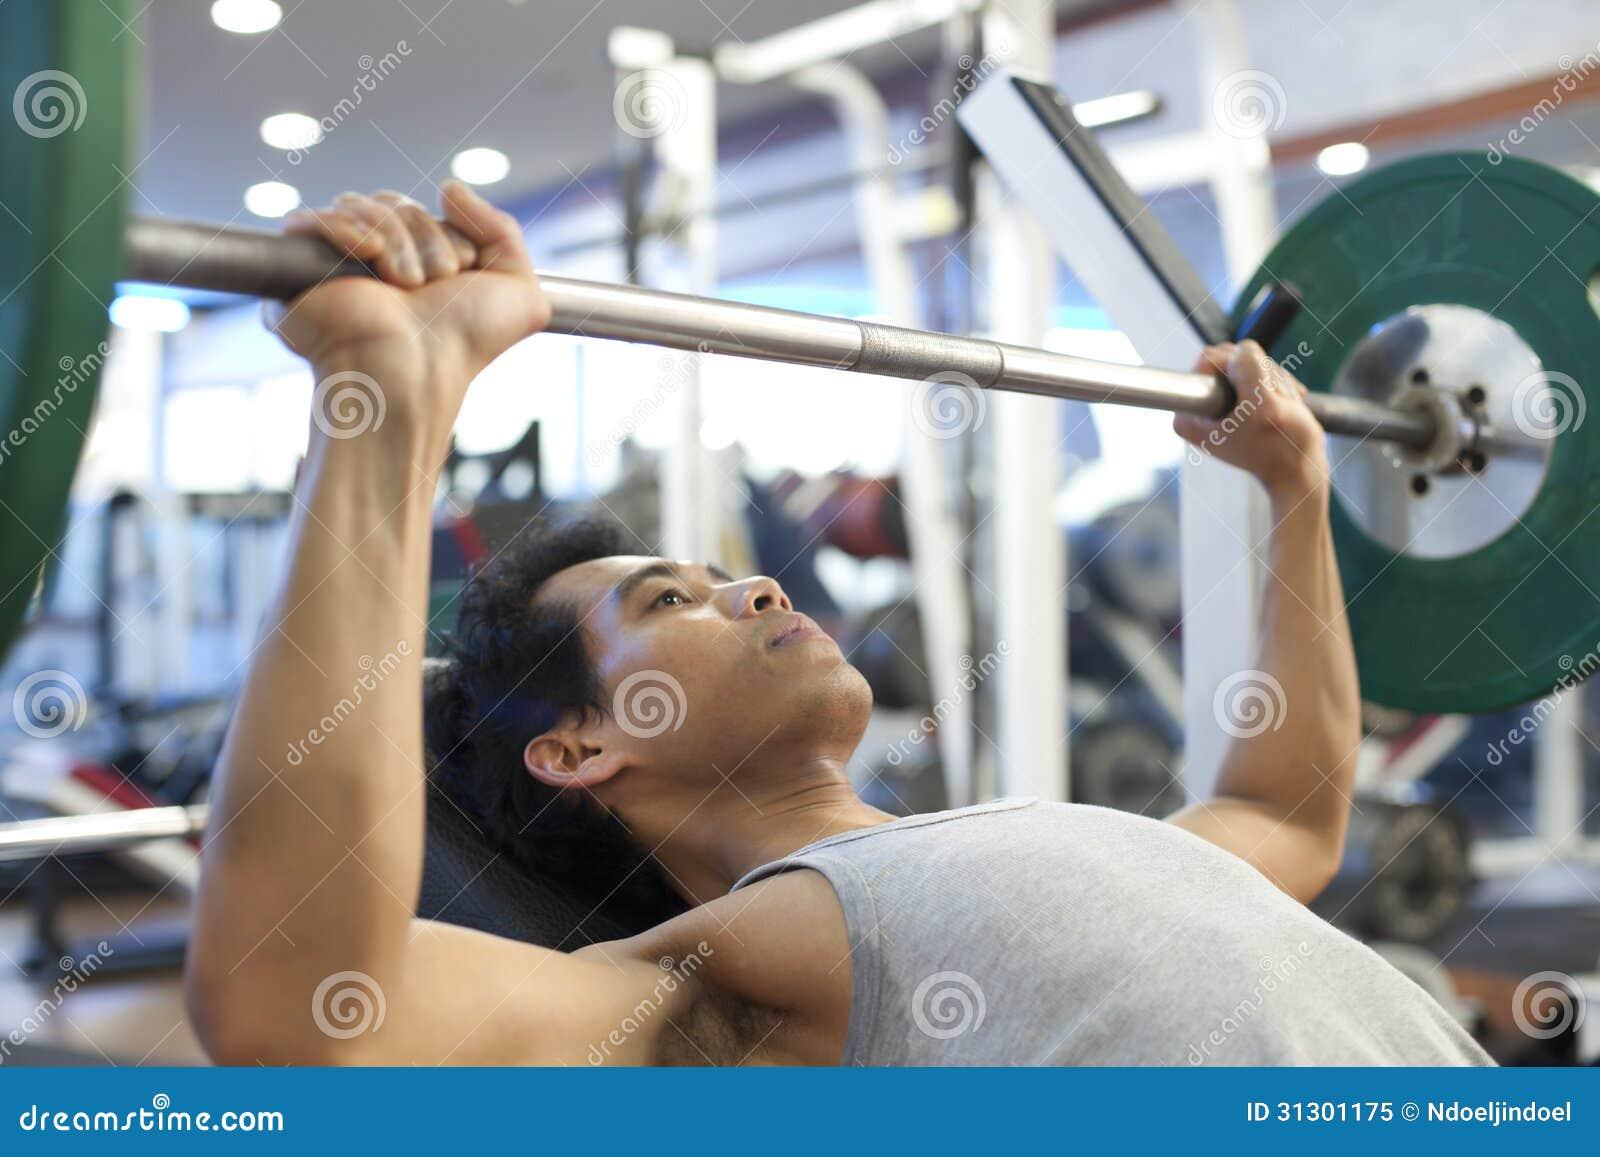 人健身房锻炼 免版税库存照片